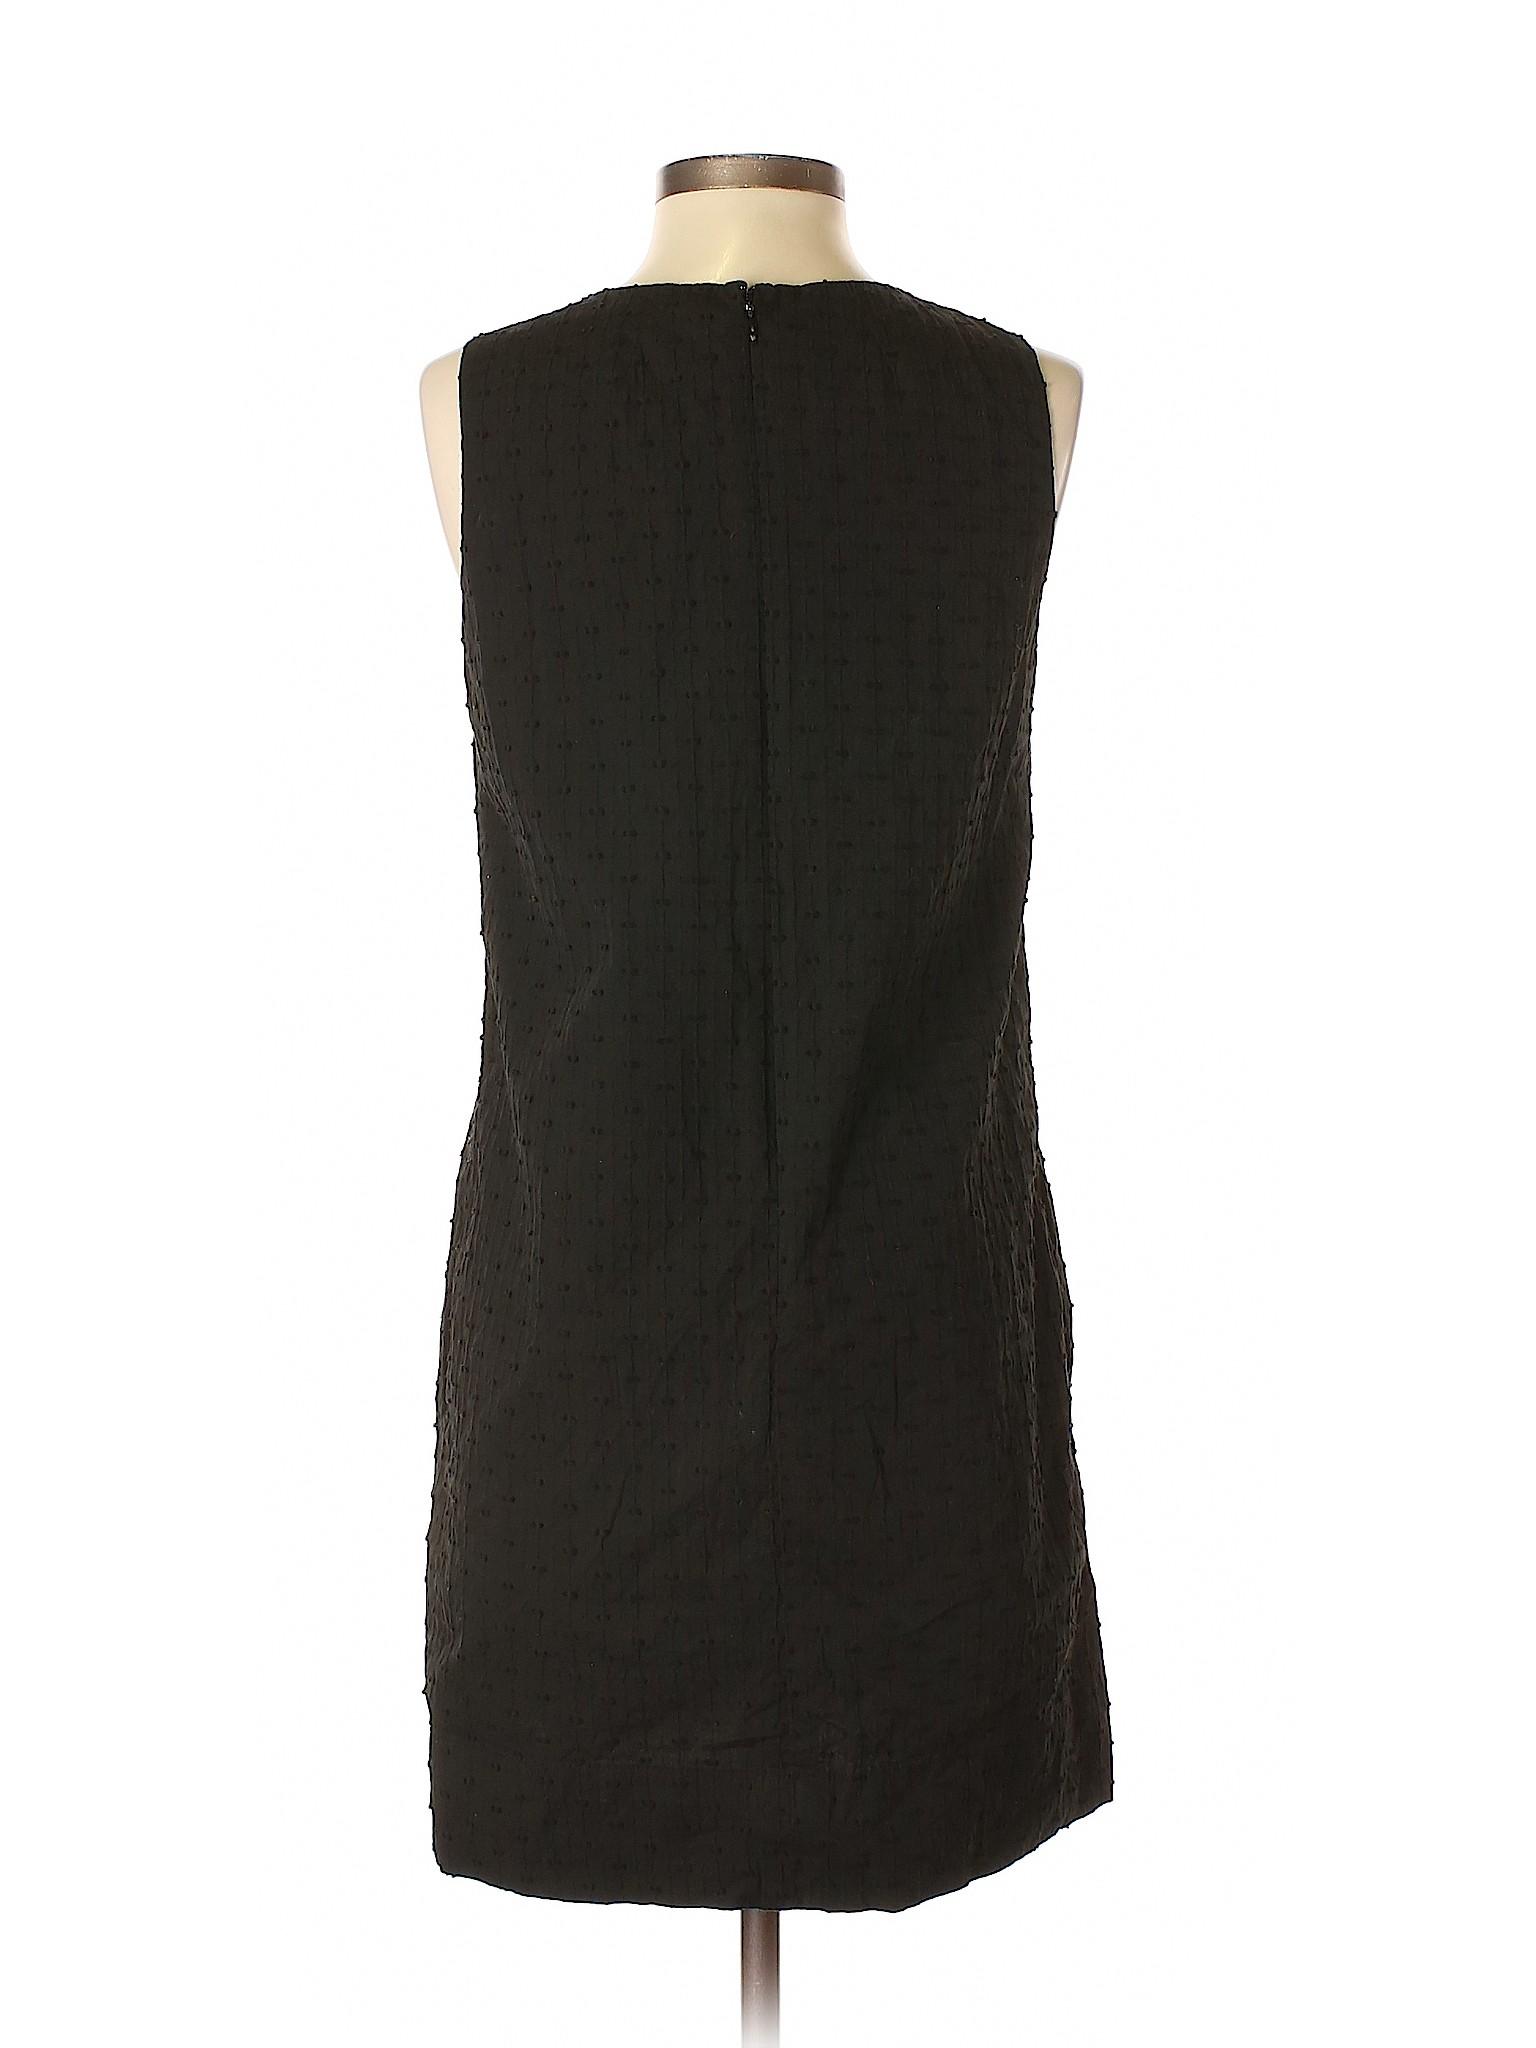 Gap Casual Dress Boutique winter Boutique winter p4qPZ